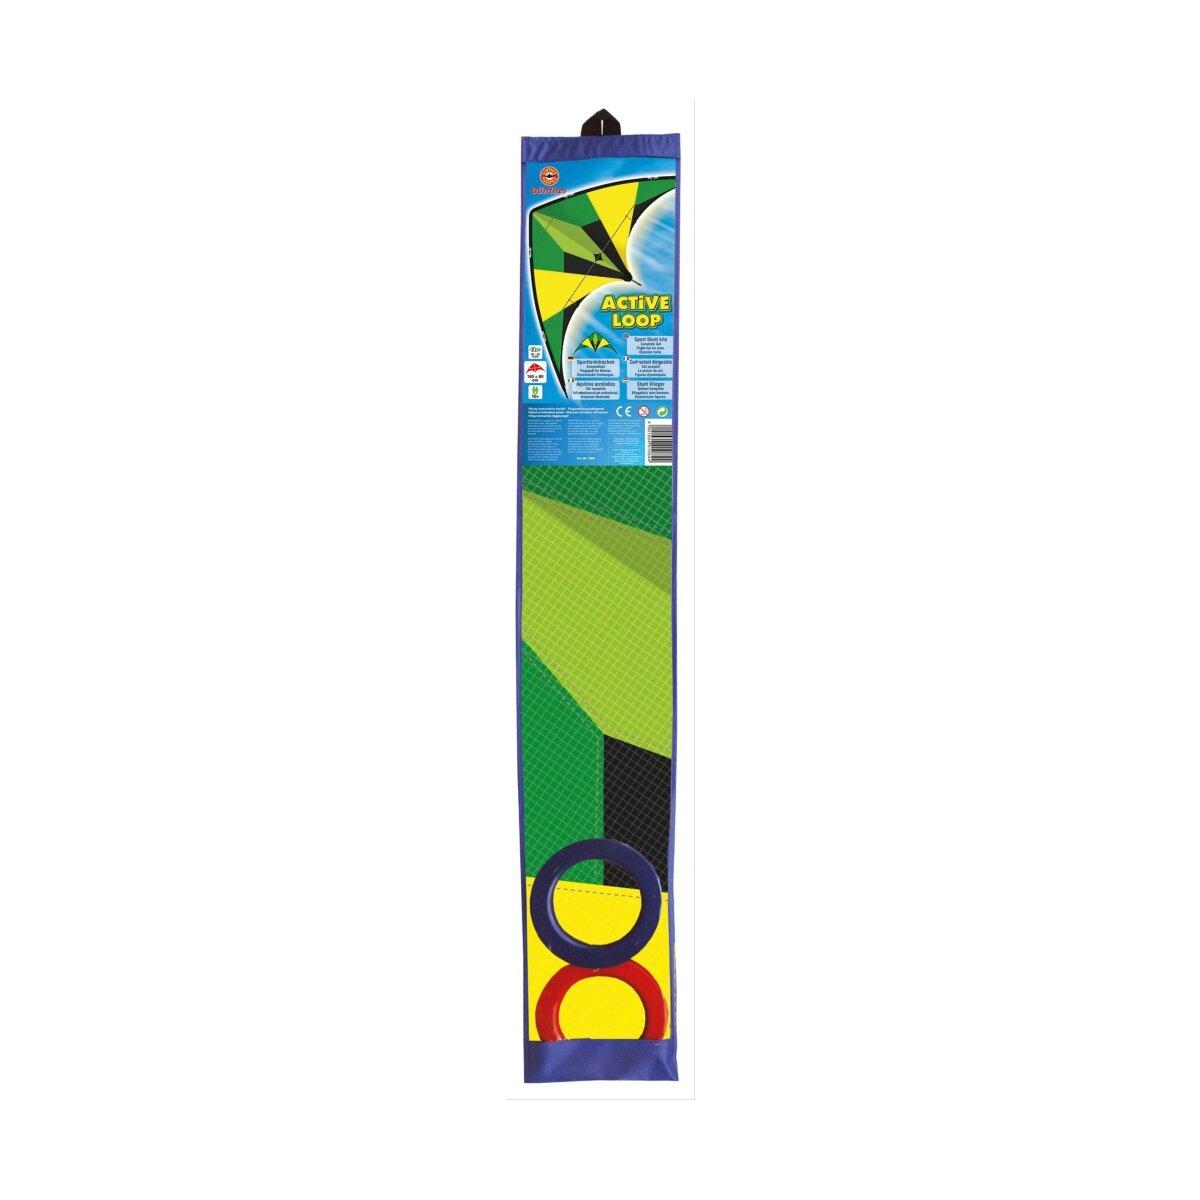 160 x 80 cm Drachen & Windspiele Black Loop Sportlenkdrachen ca